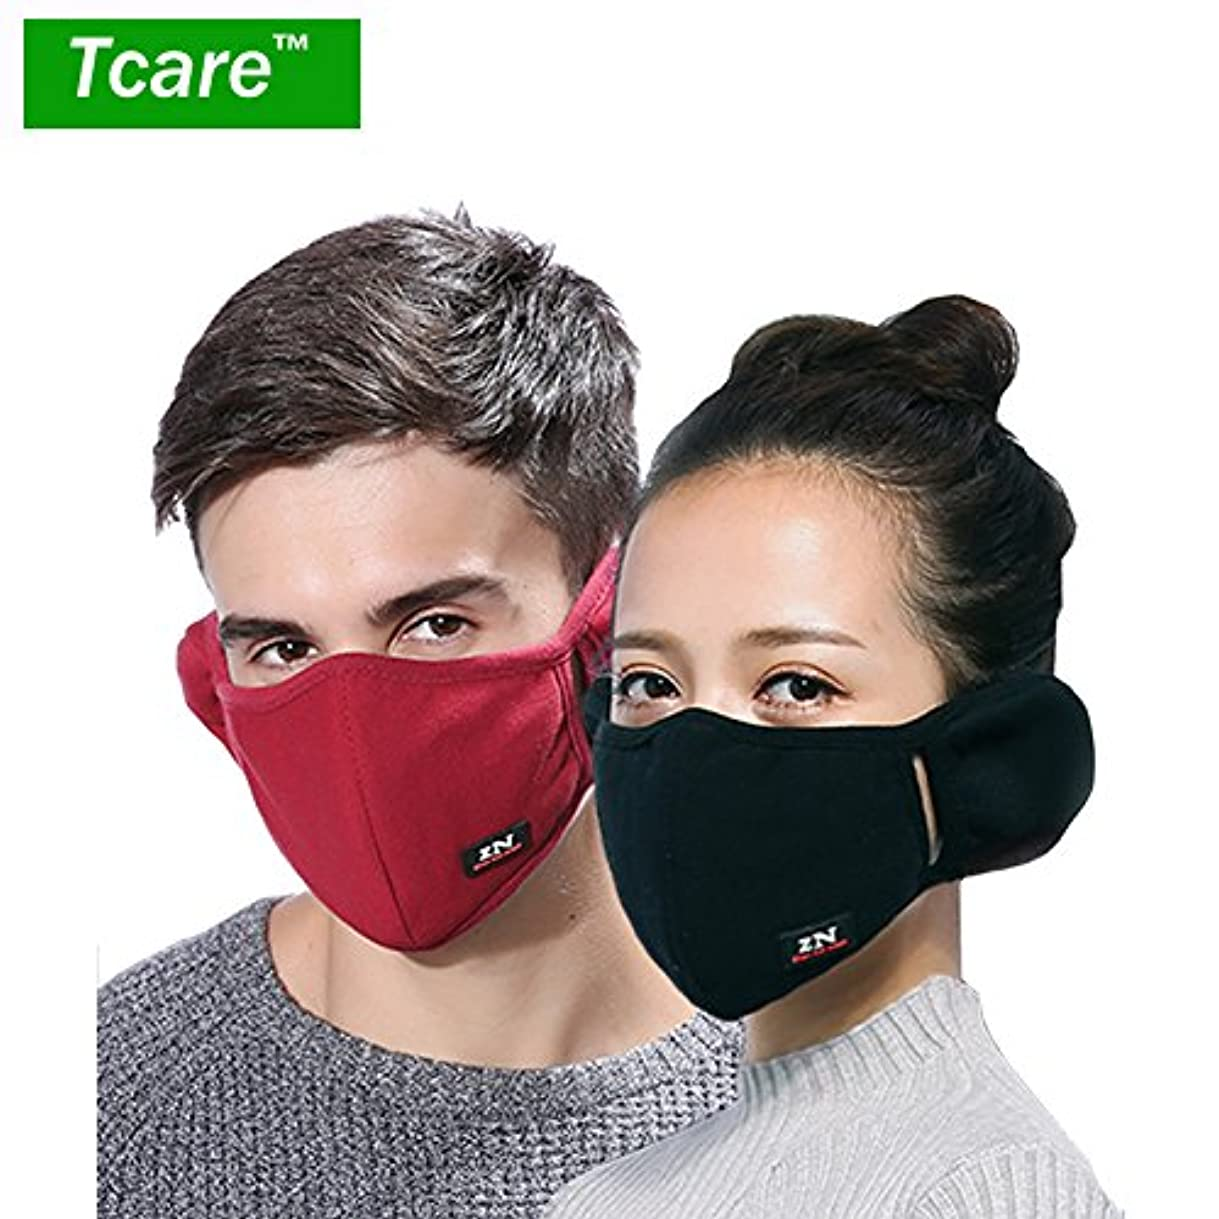 立方体頻繁にアナウンサー男性女性の少年少女のためのTcare呼吸器2レイヤピュアコットン保護フィルター挿入口:6ピンク